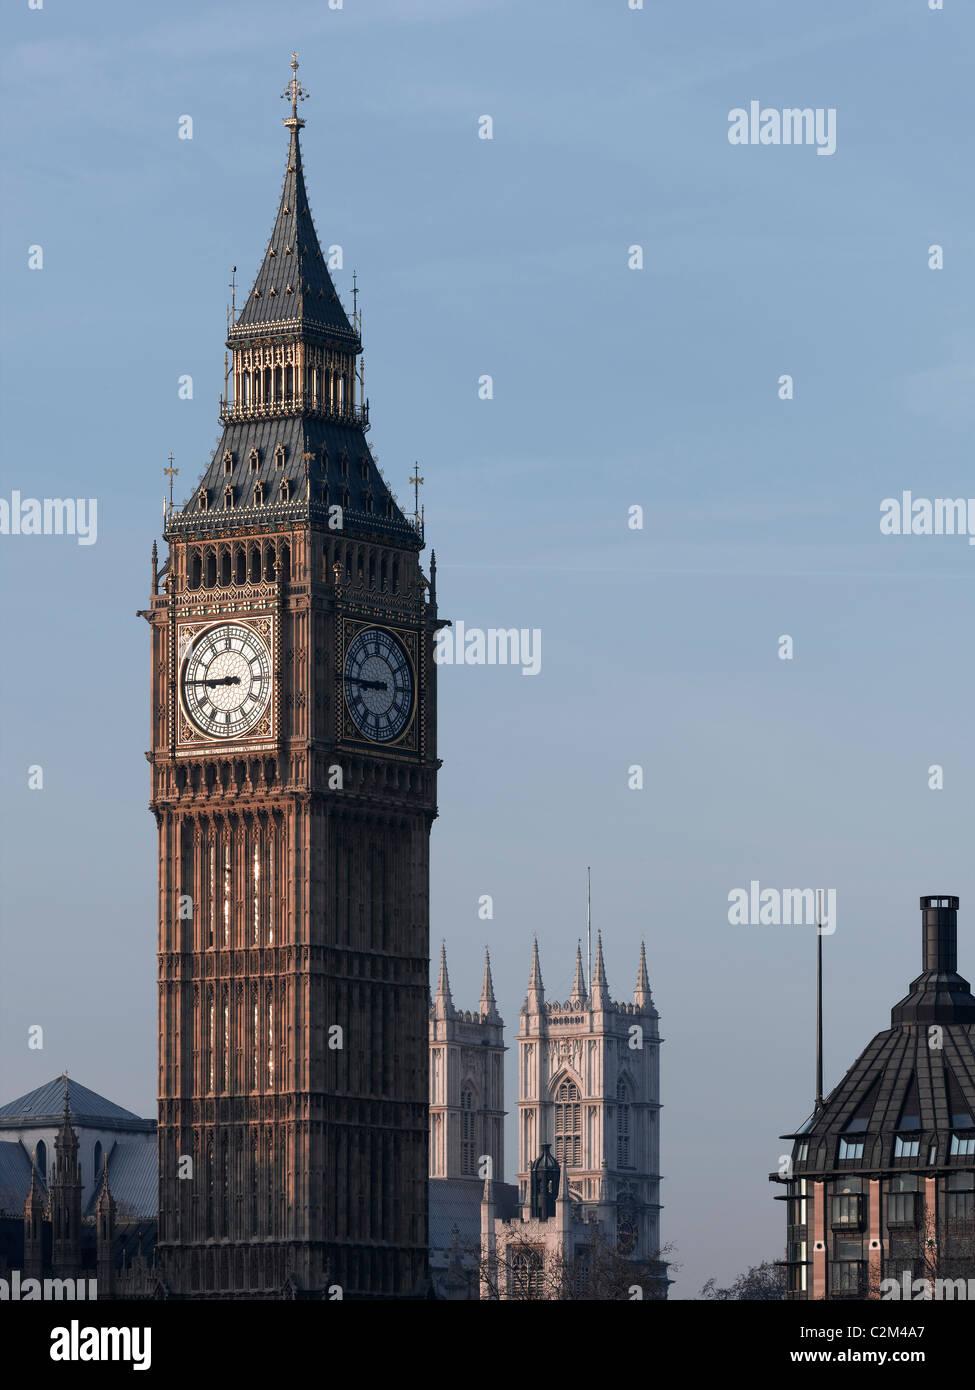 El Big Ben, las Casas del Parlamento, en Westminster, Londres. Foto de stock